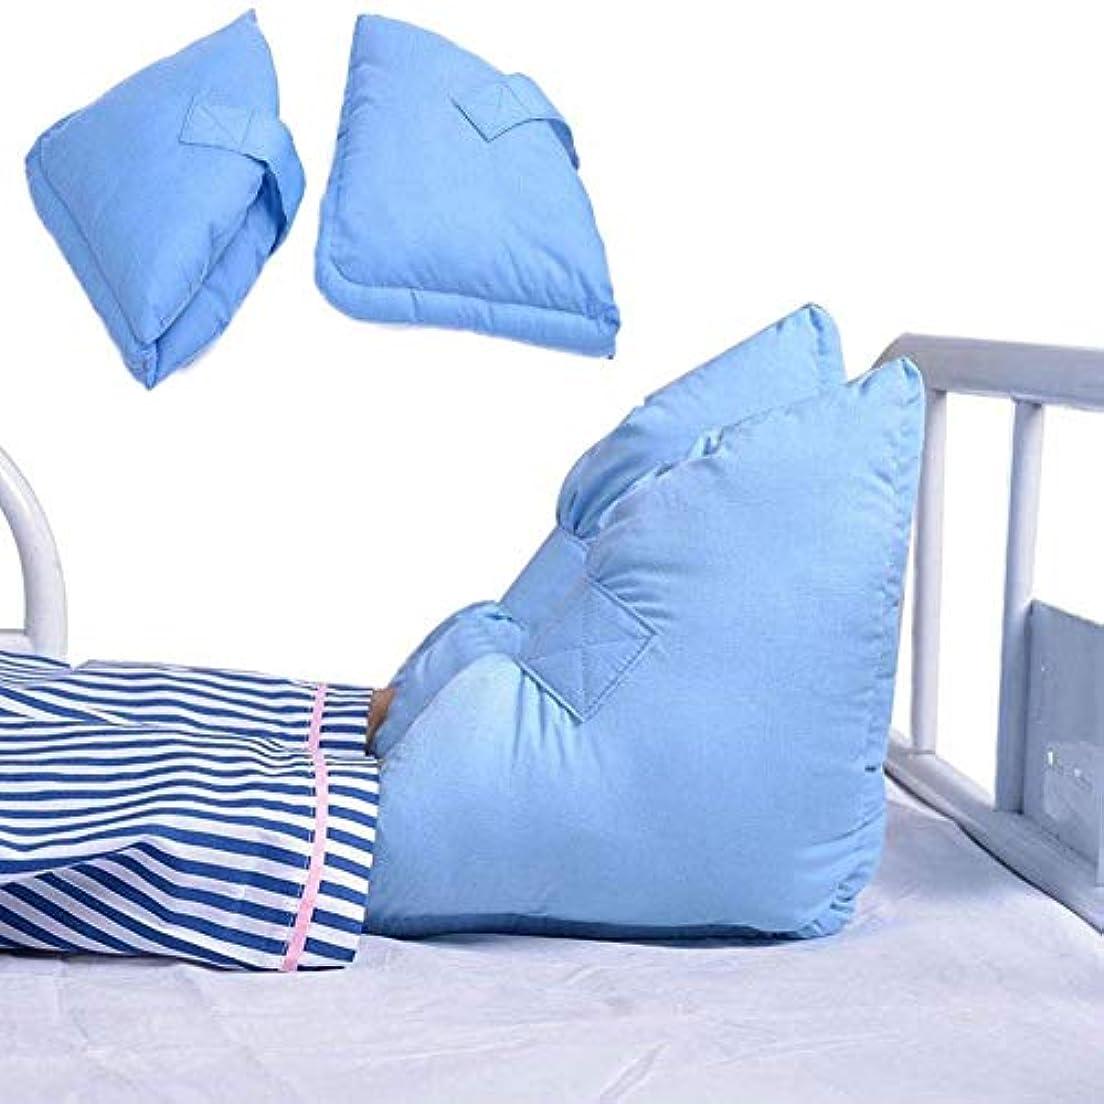 アラブサラボものアレンジ1ペア抗褥瘡ヒールプロテクター枕 - 男性と女性のための褥瘡とかかと潰瘍の軽減のための足首保護クッション